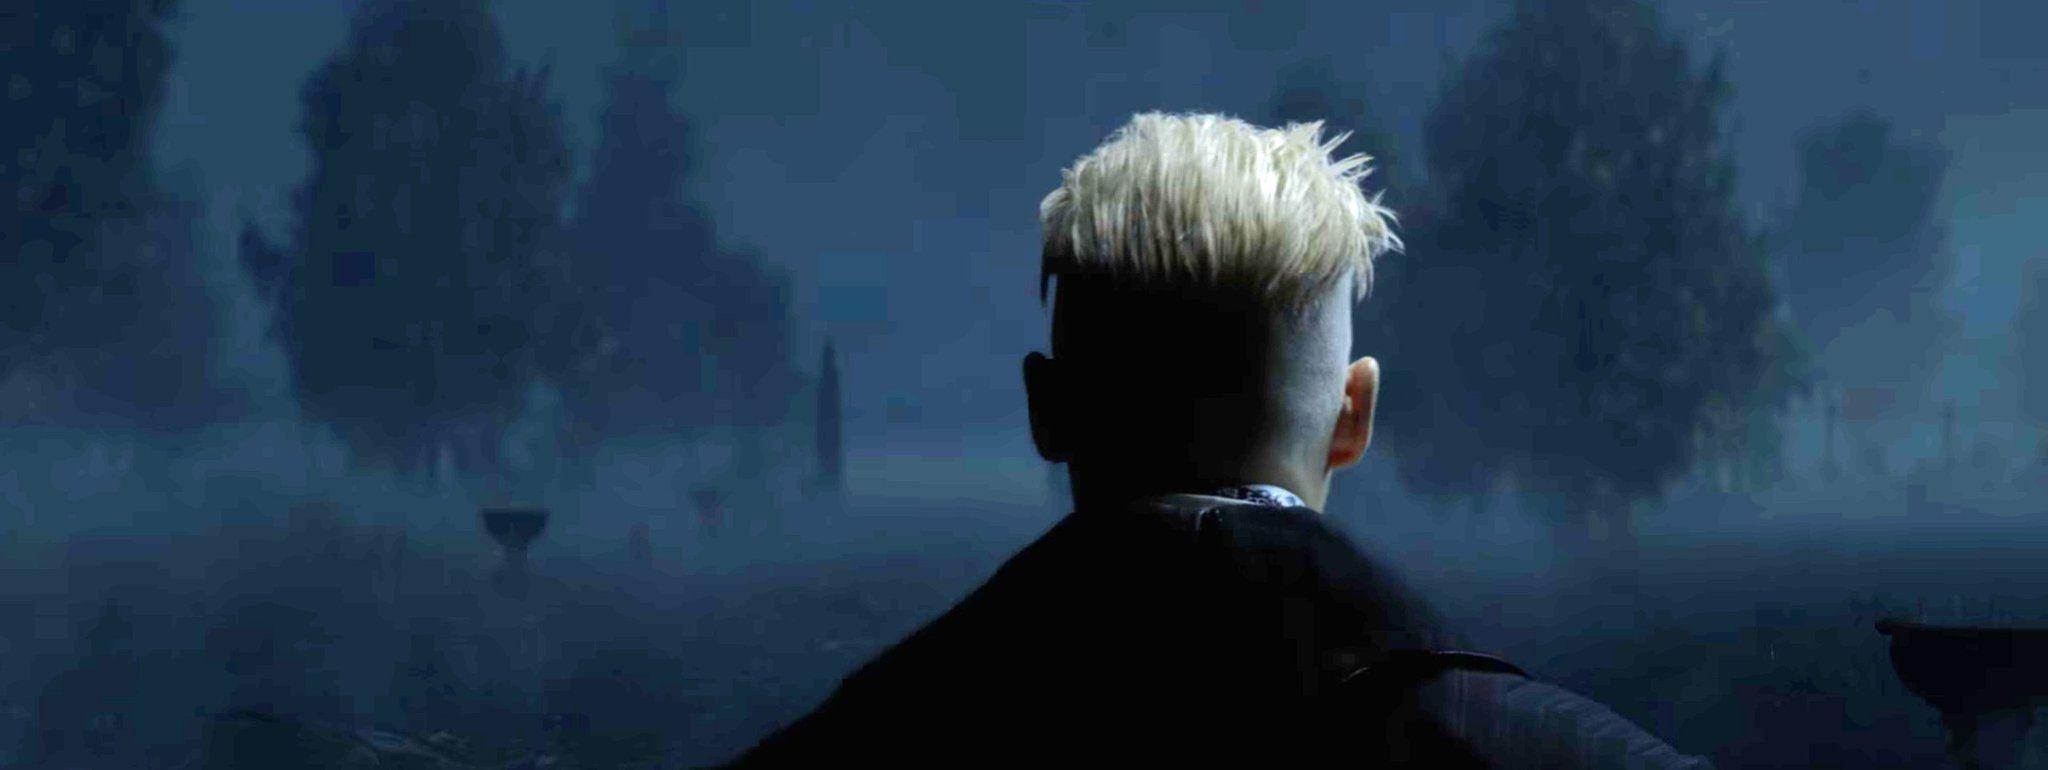 ภาพจาก - http://wizardsandwhatnot.com/